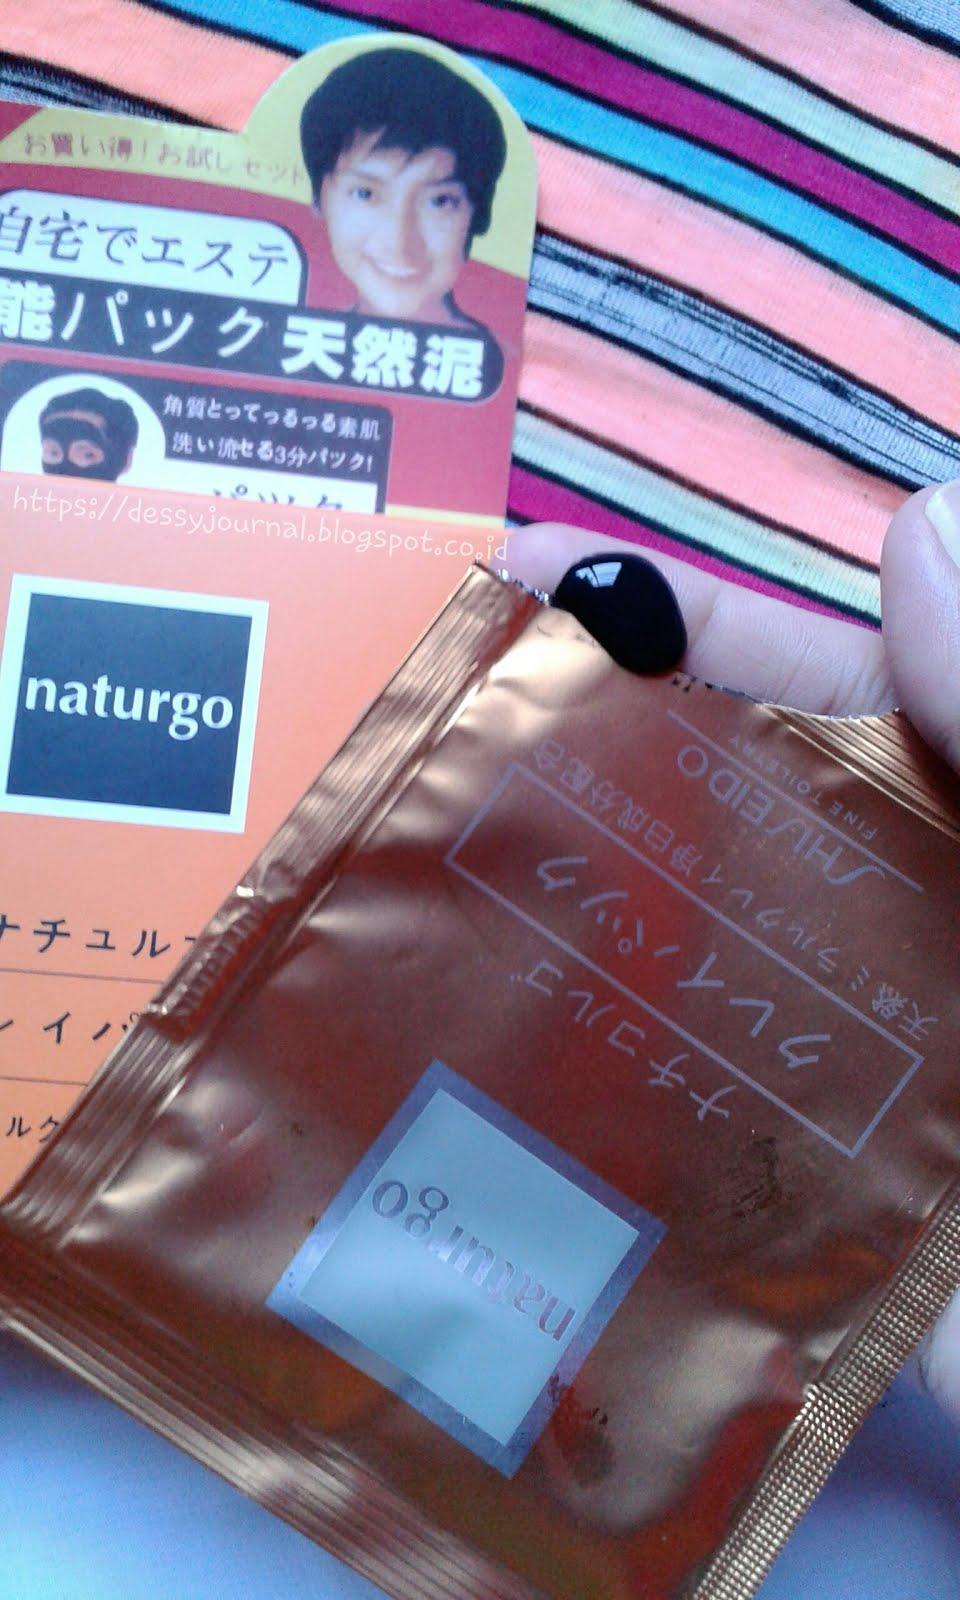 Dessy Journal Review Naturgo Peel Off Masker Yang Ternyata Palsu Lumpur Shiseido Seperti Bisa Dilihat Ini Isinya Cairan Kental Berwarna Hitam Pekat Kayak Oliii Atau Mirip Kecap Manis